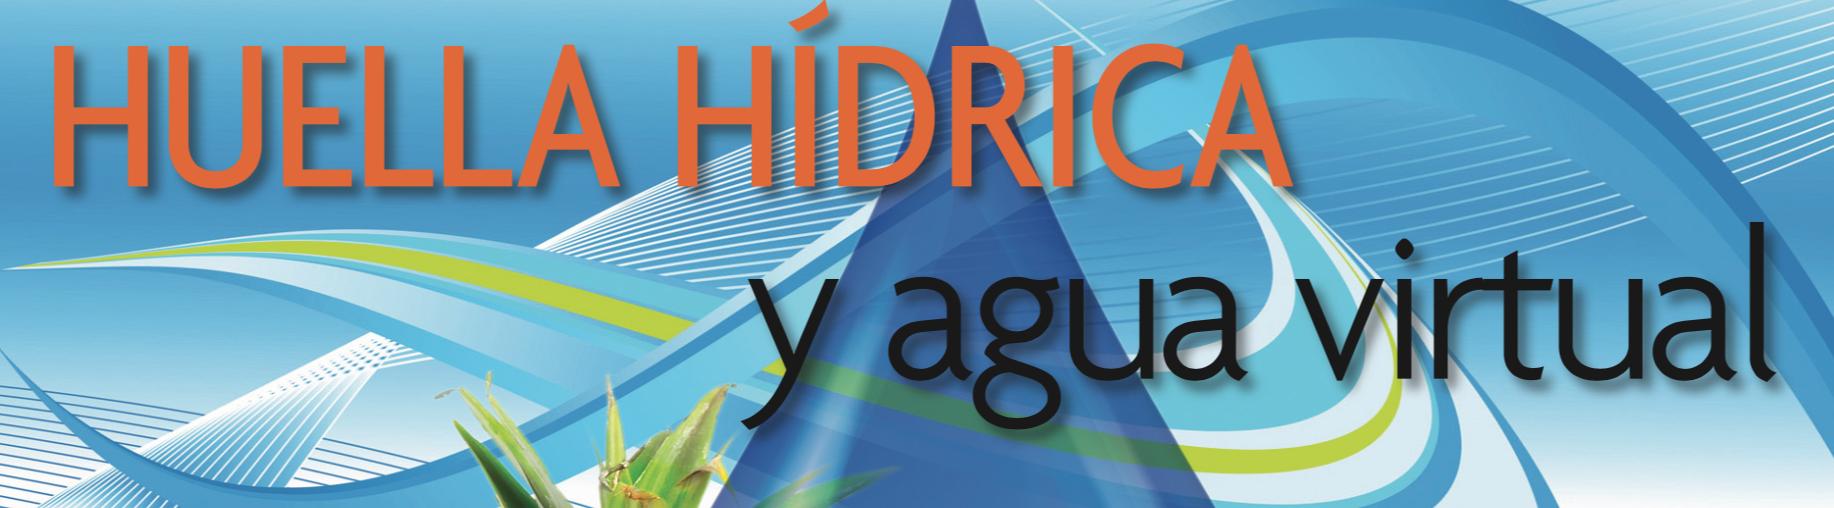 Huella Hídrica y Sustentabilidad